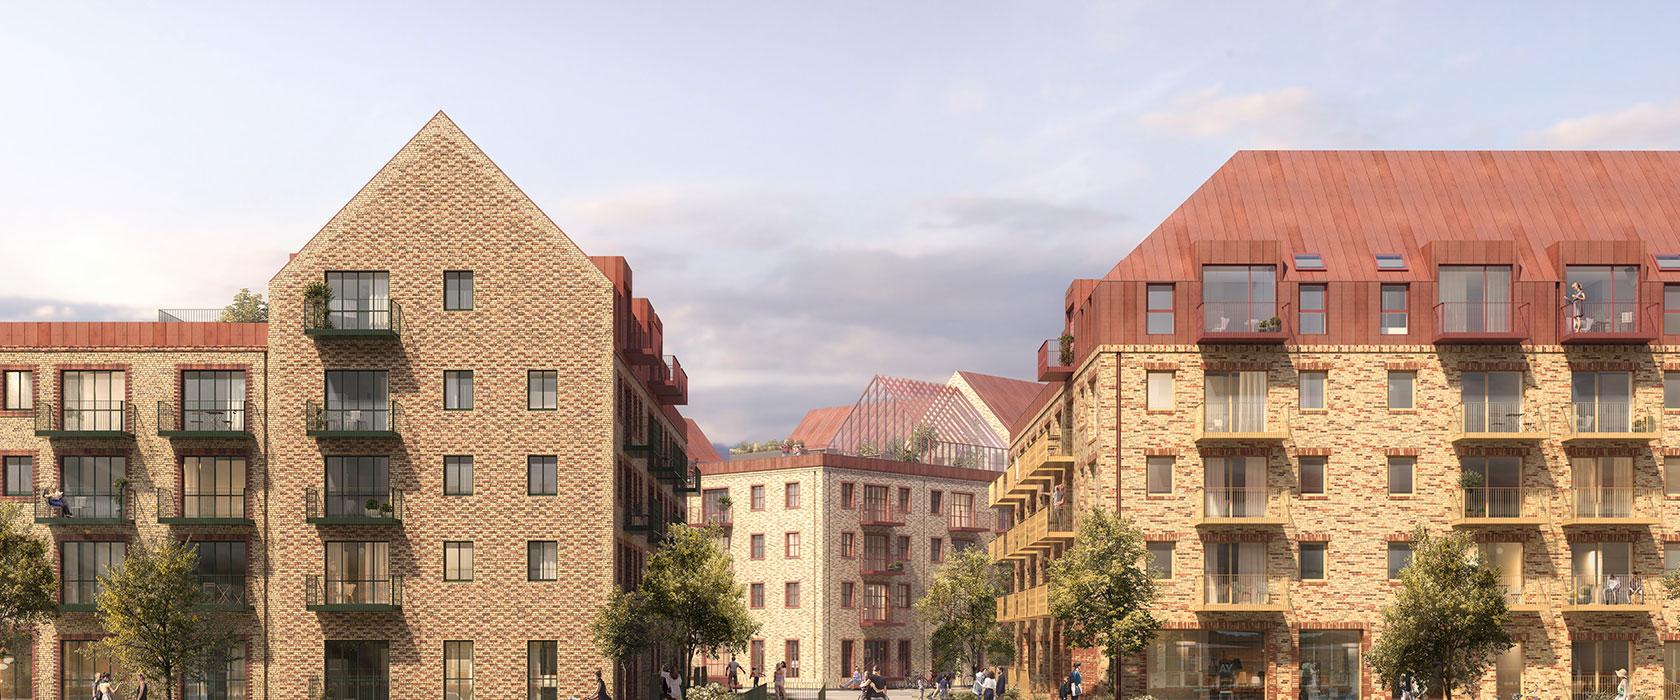 Facader i Sydhavnen